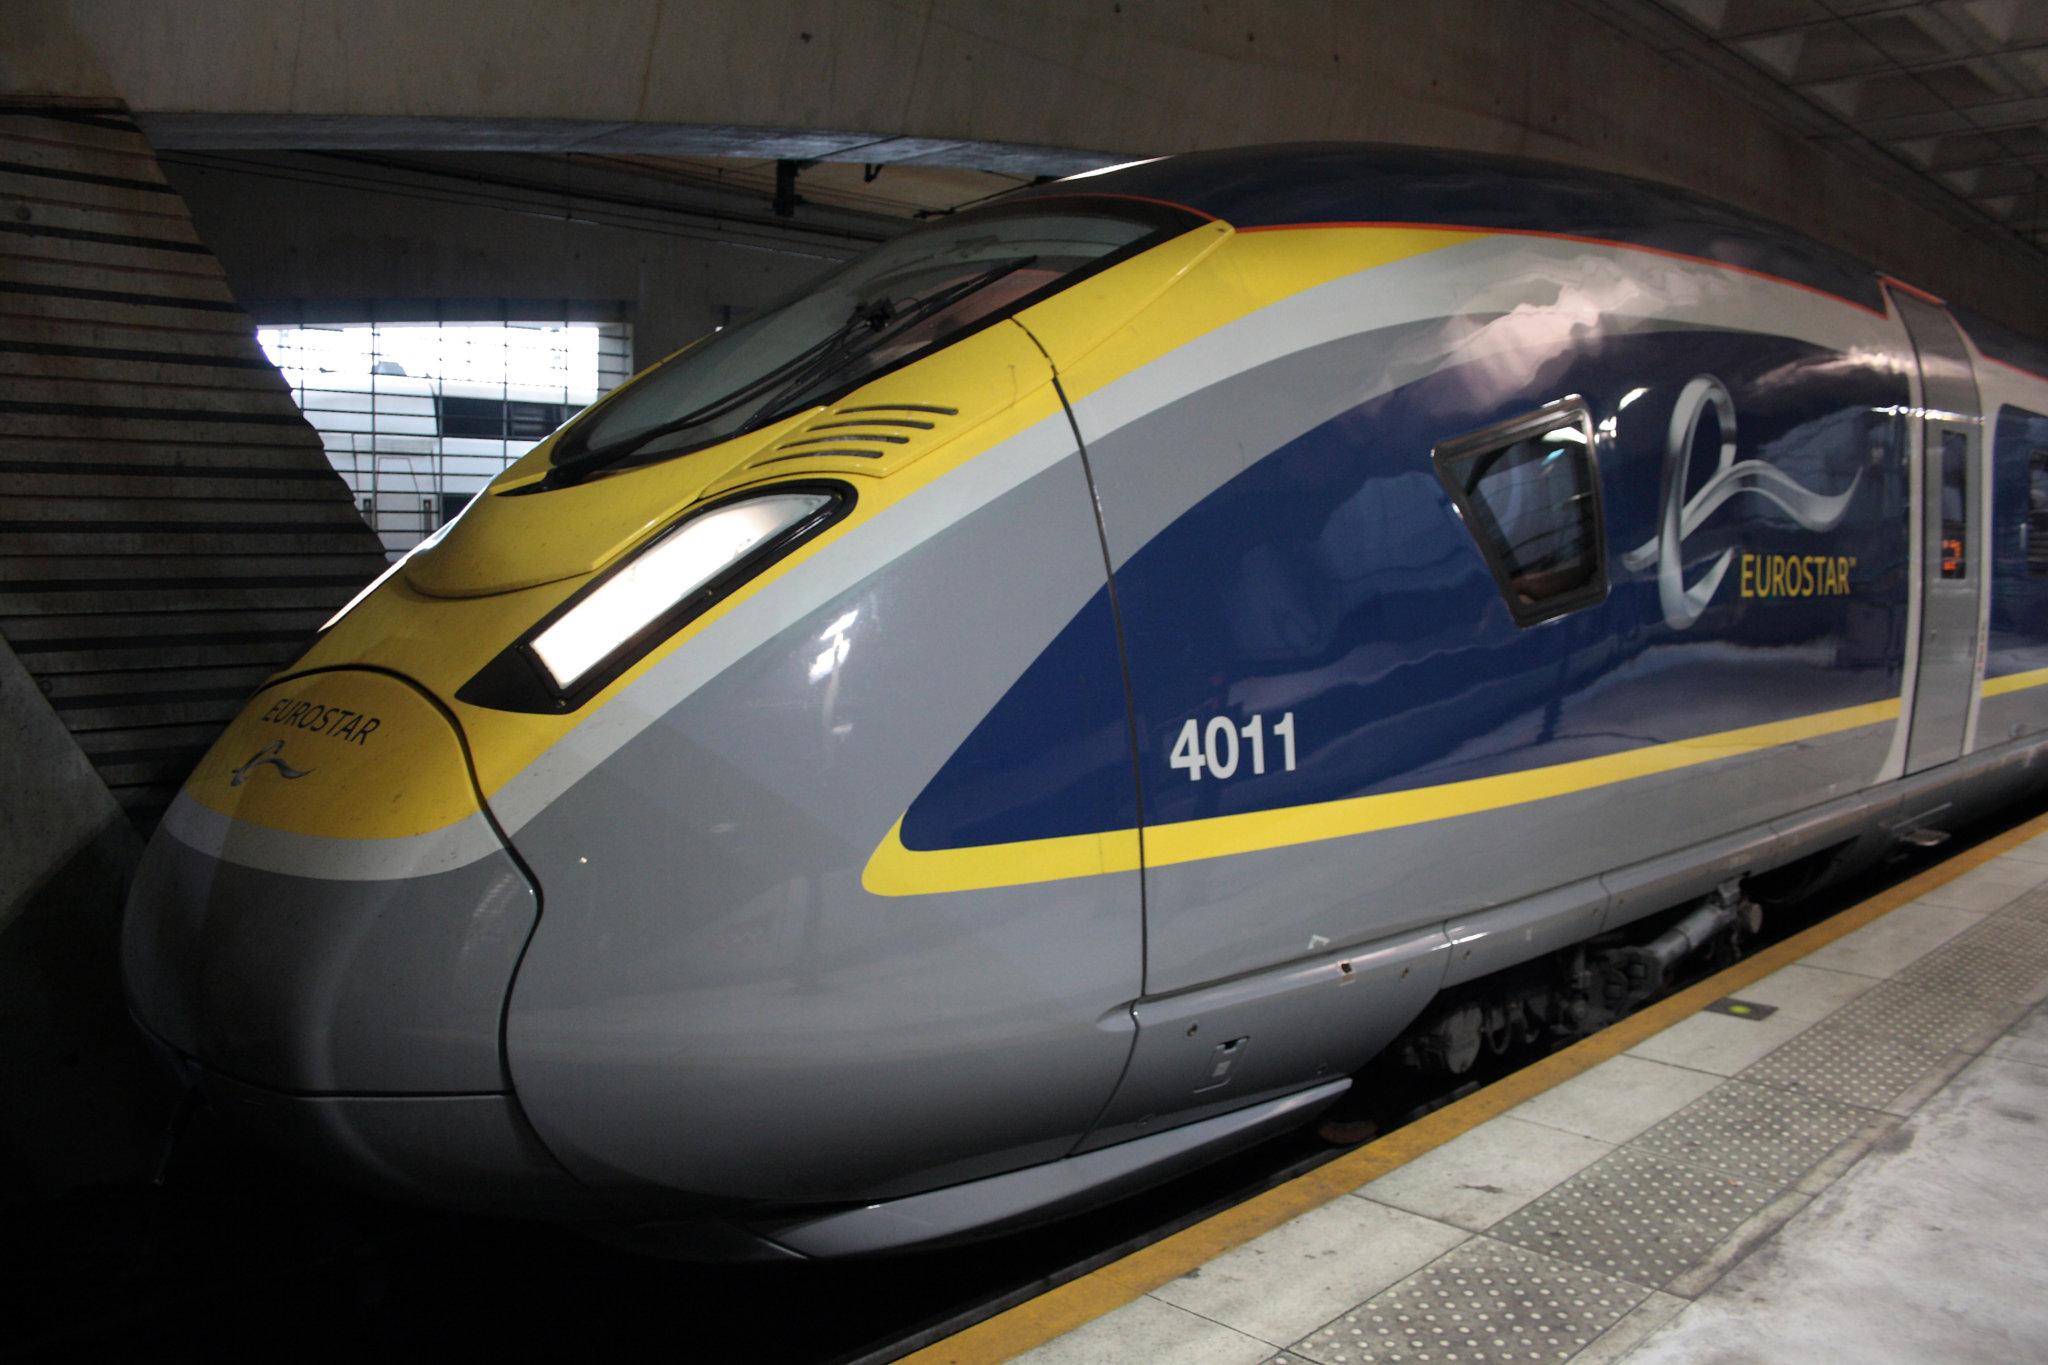 Eurotunnel Train Meeting Orient Express